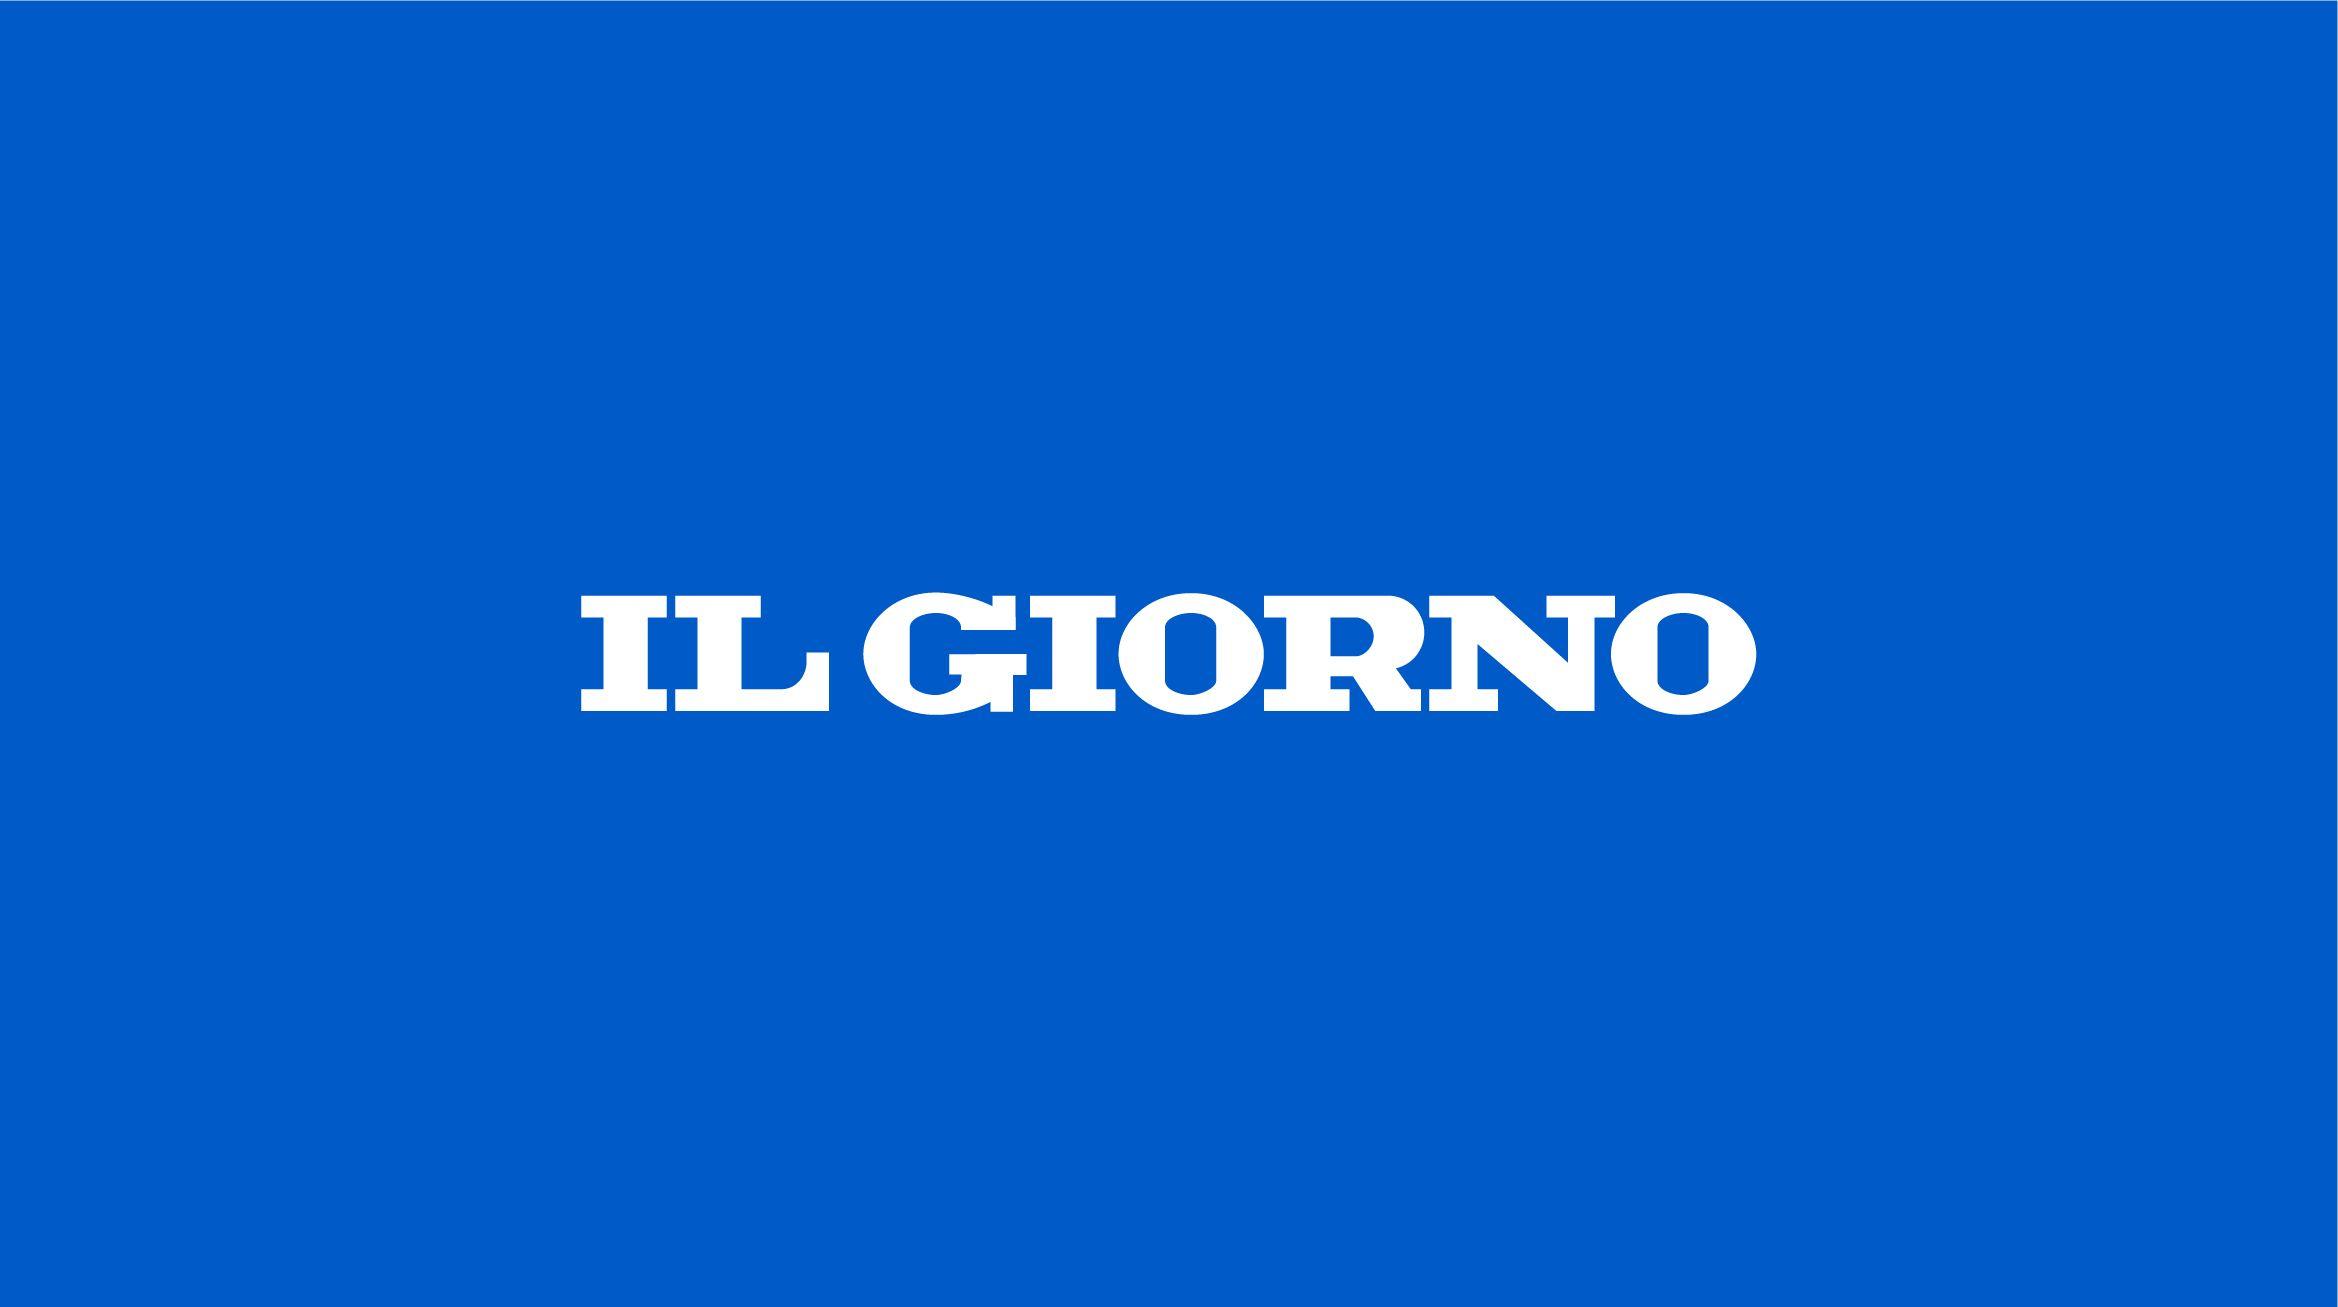 (c) Ilgiorno.it